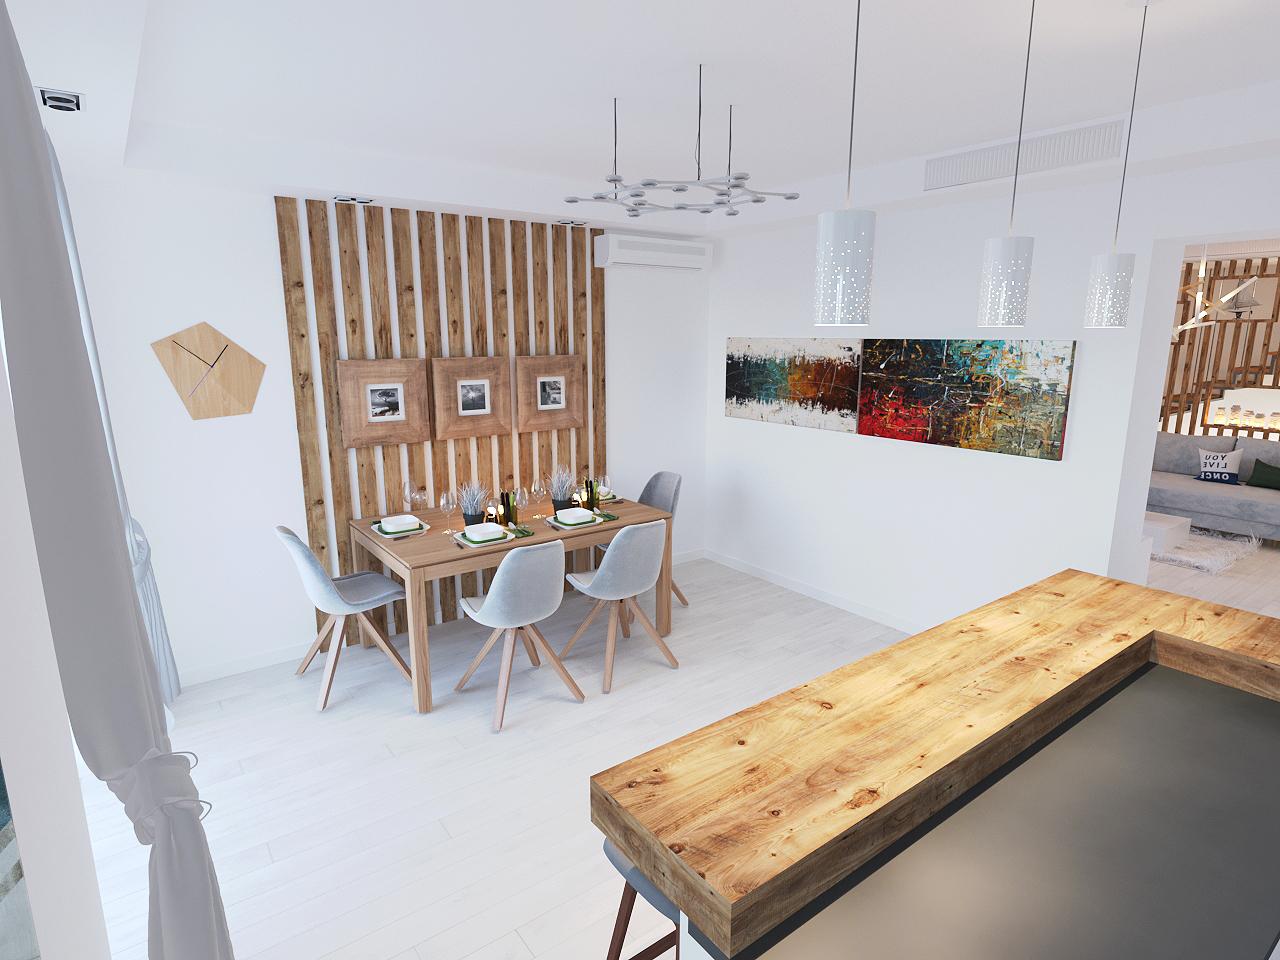 Дизайн проект интерьера первого уровня квартиры 69,9 м.кв. фото f_6465a857e82f1bd0.jpg